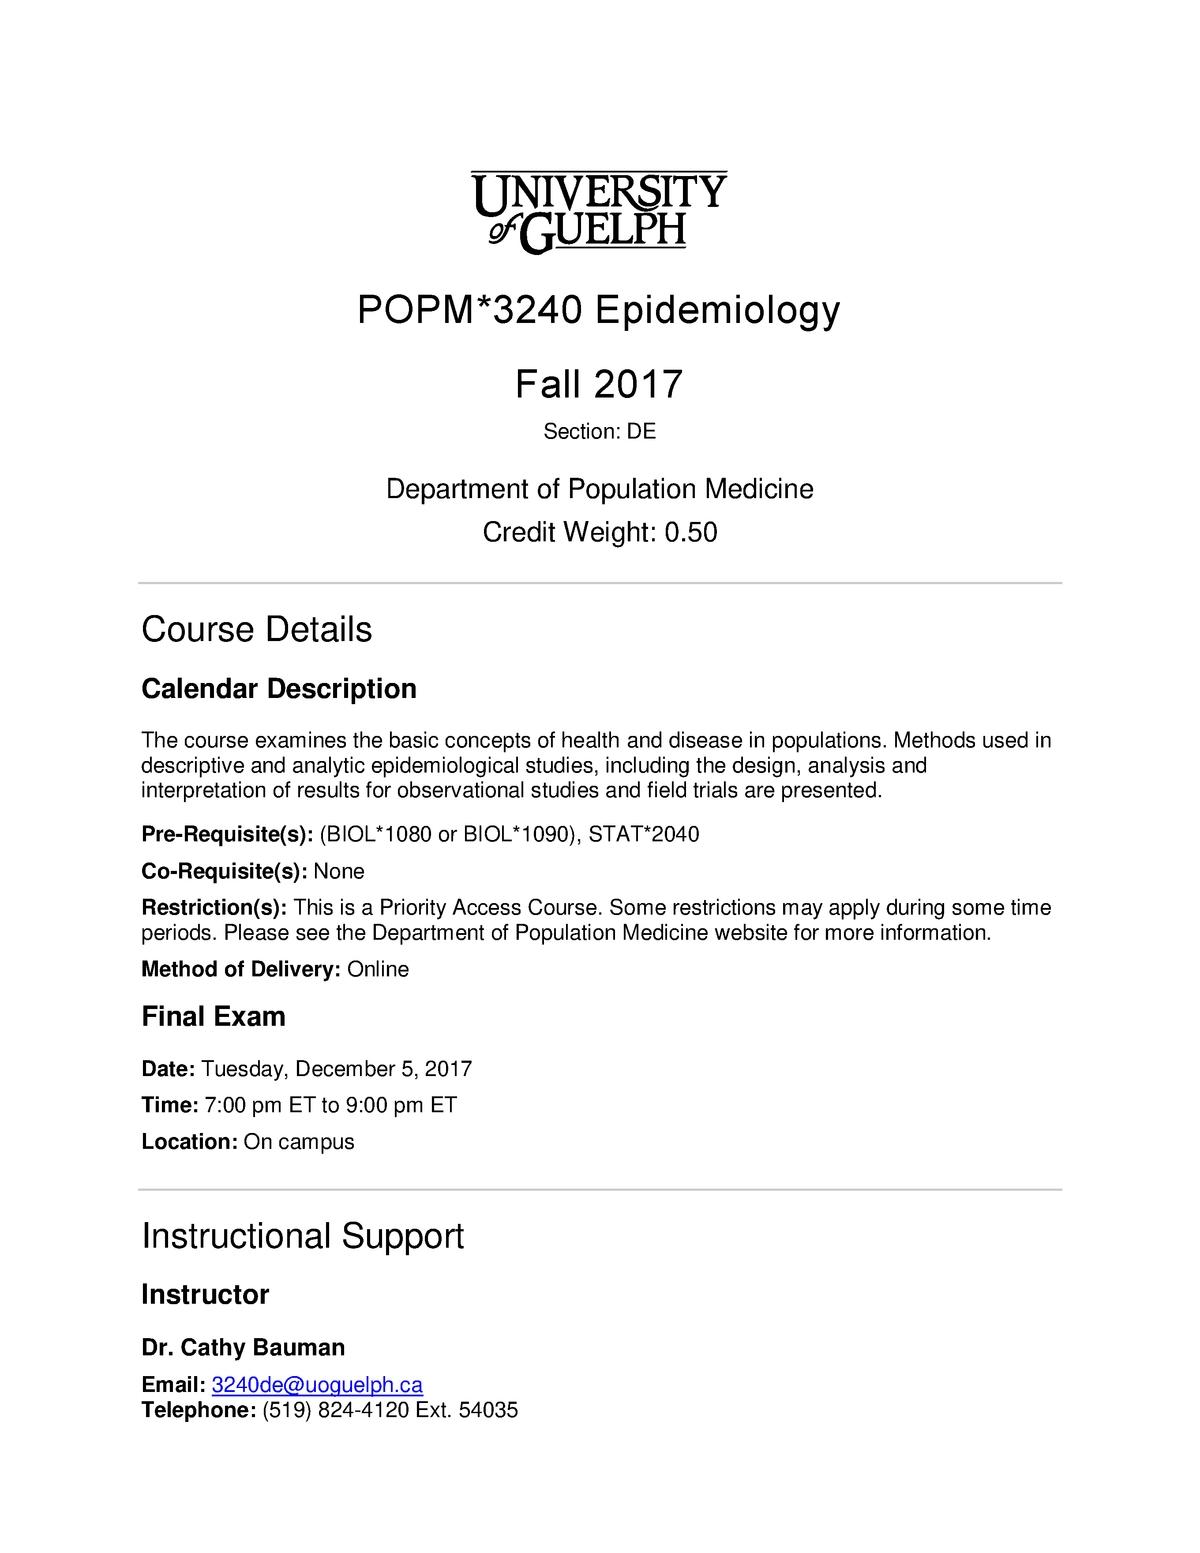 F17 Popm3240 De C Bauman Course Outline Epidemiology Fall